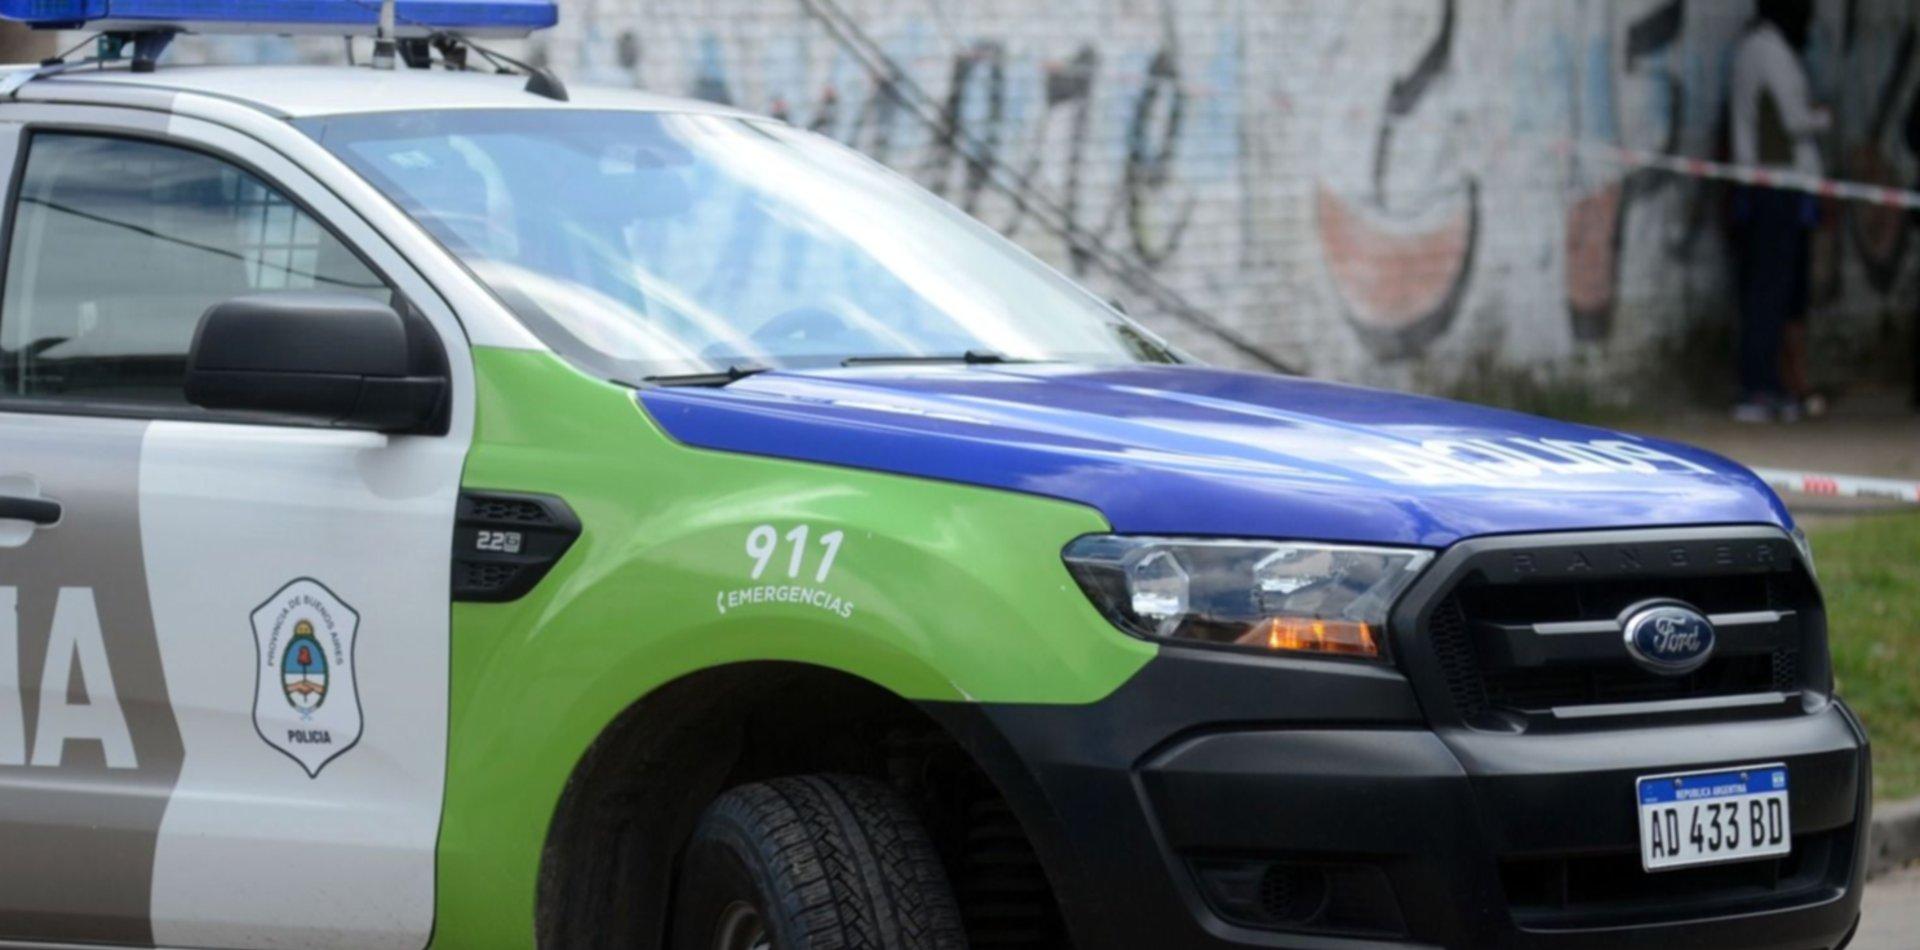 Persecución, choque y un policía herido en un barrio de La Plata